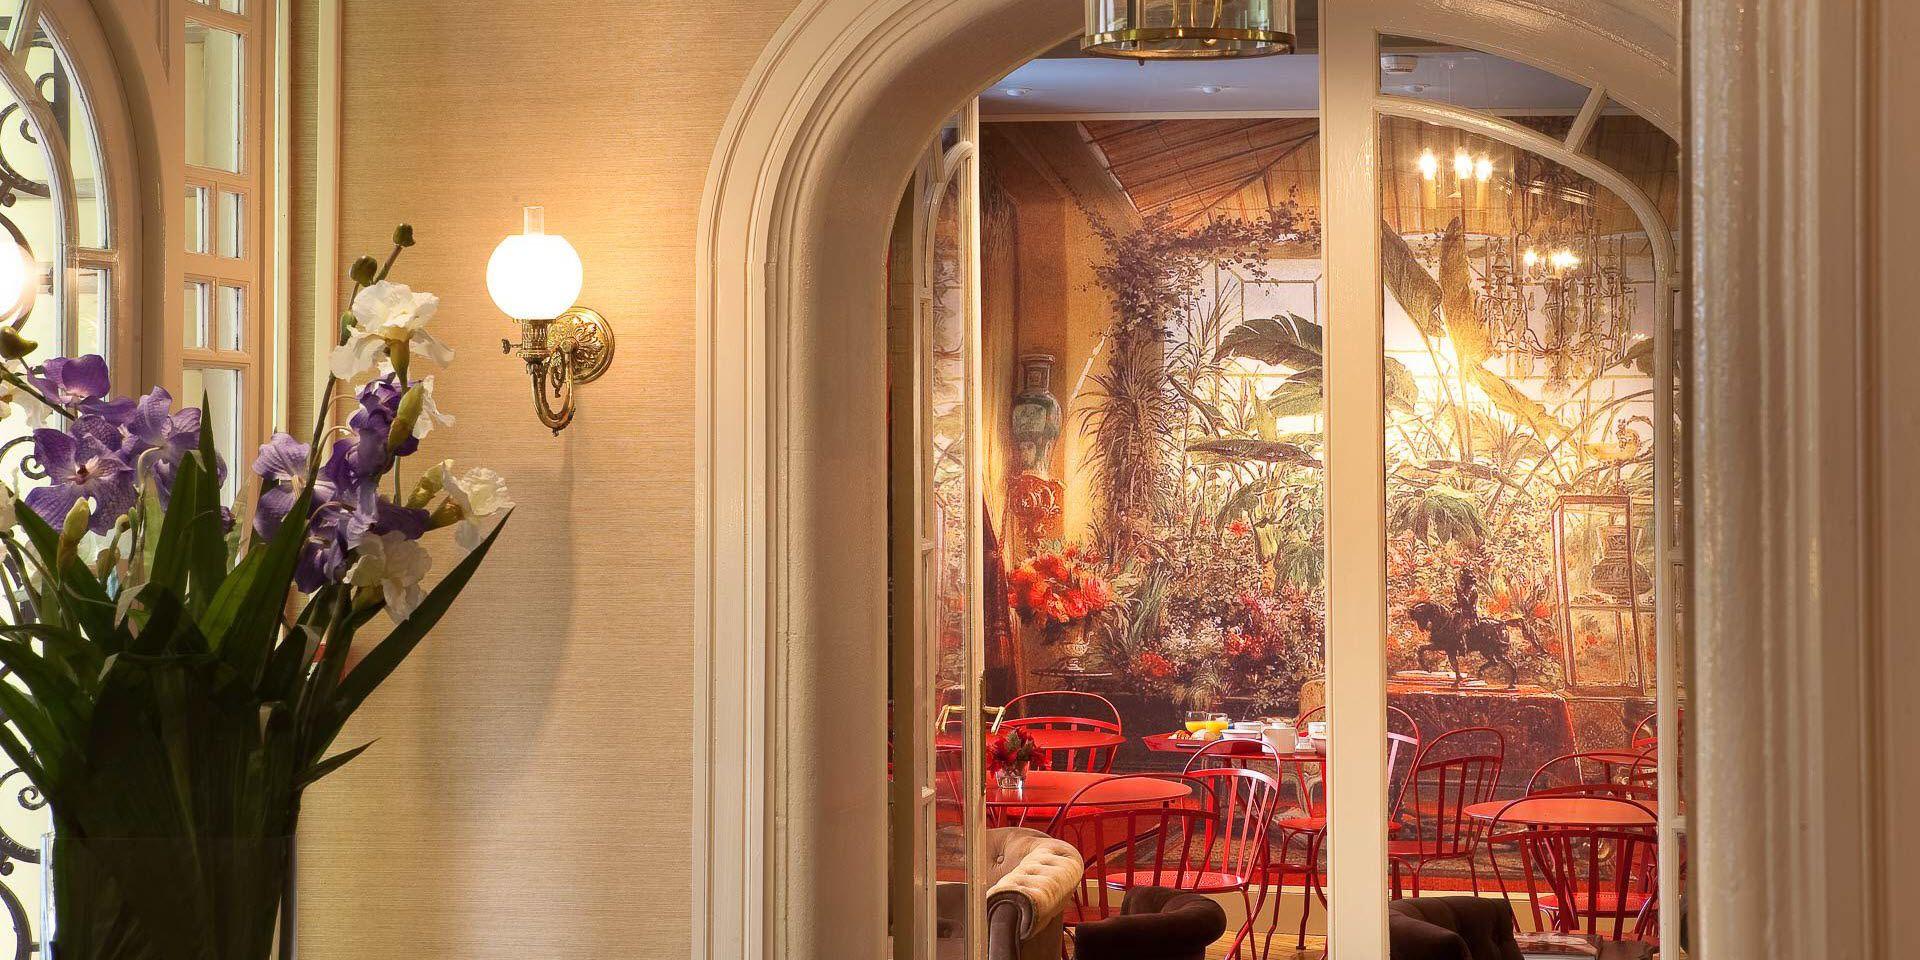 H tel de charme paris h tel perreyve 3 toiles for Paris hotel de charme